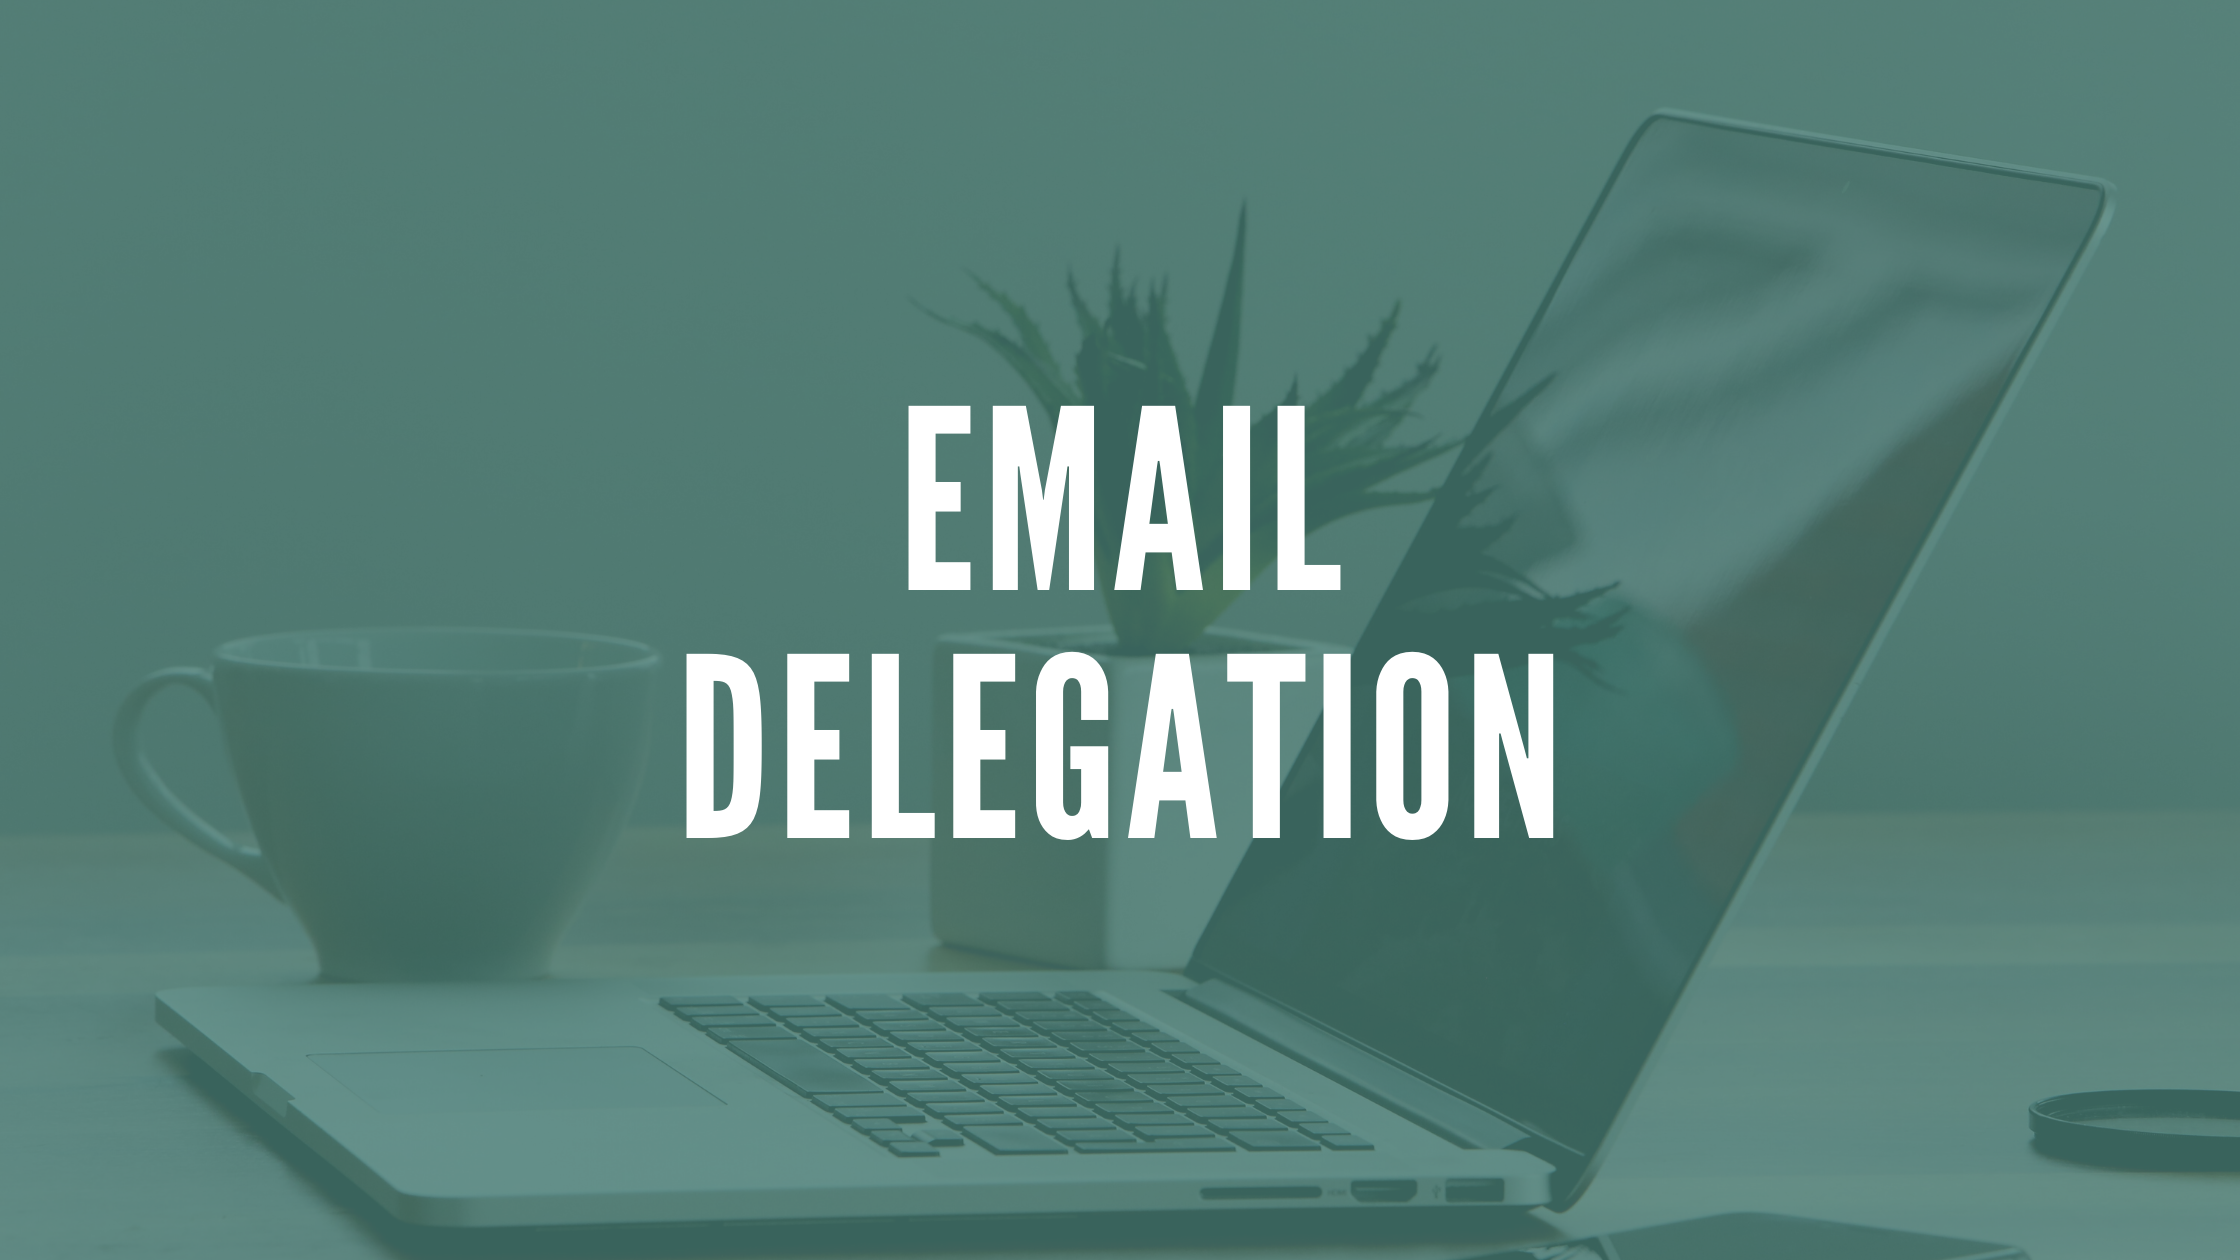 Email Delegation